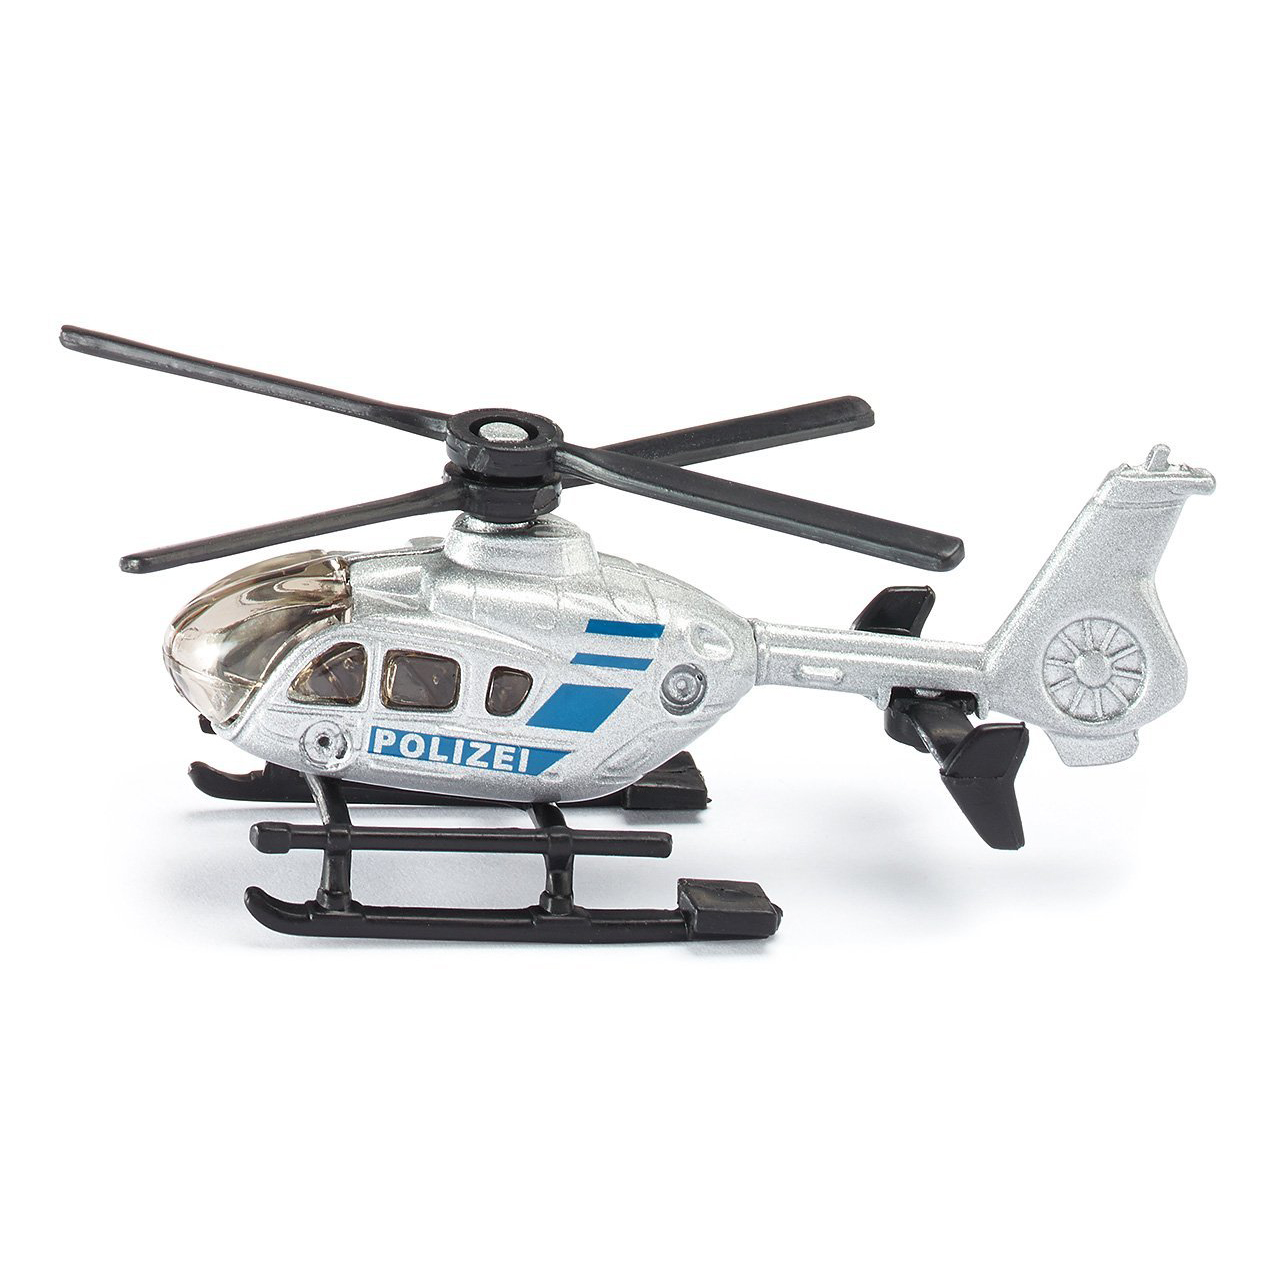 Купить Игрушечная модель – Полицейский вертолет, Siku